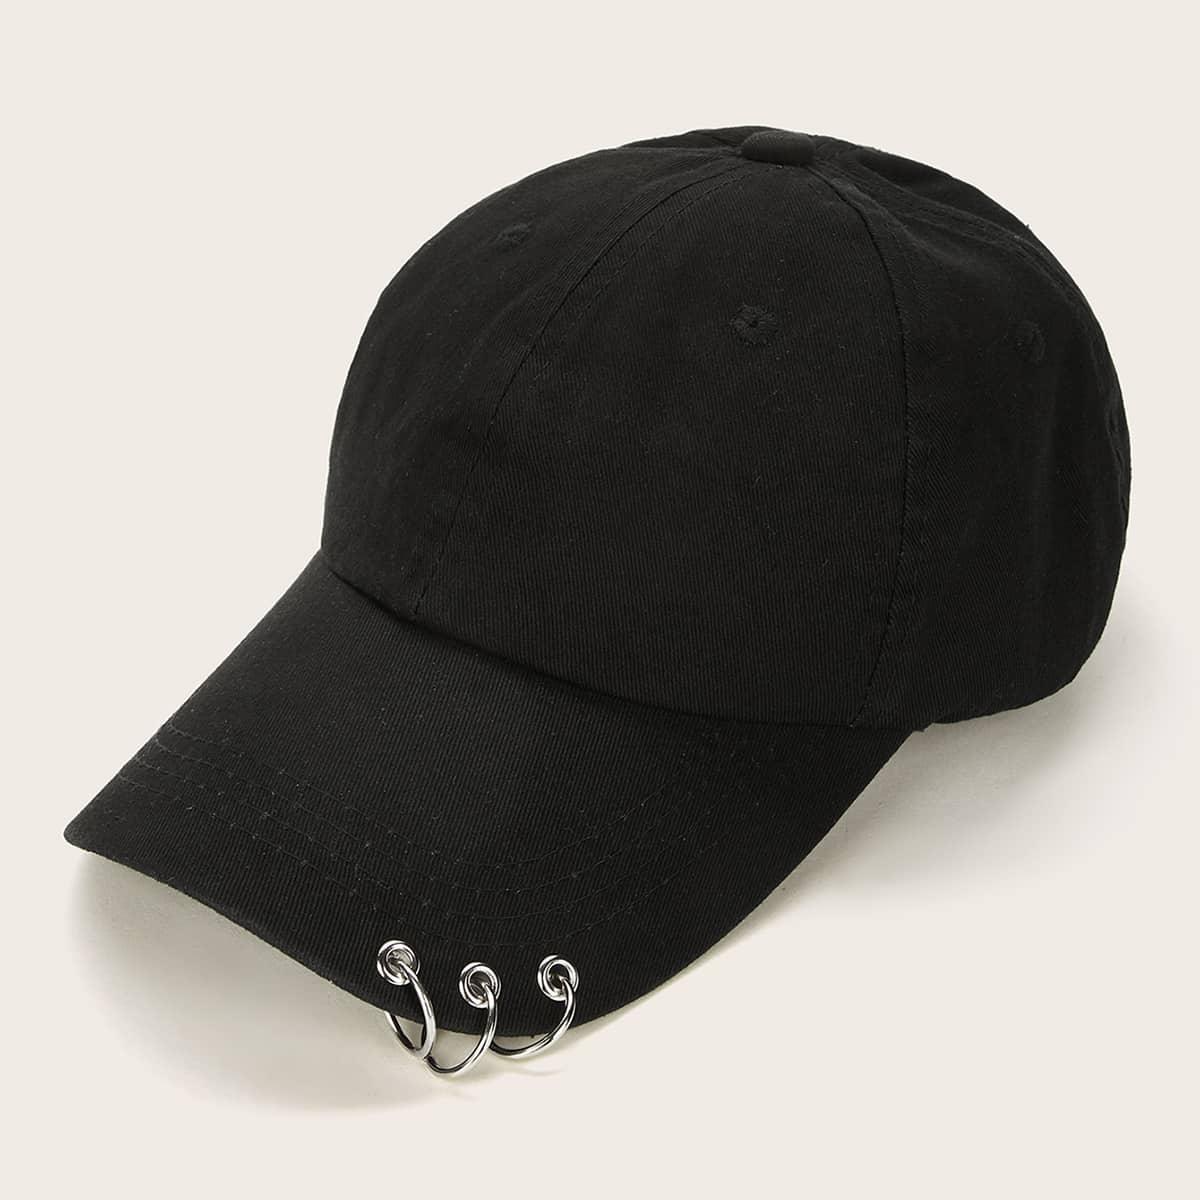 SHEIN coupon: Ring Detail Baseball Cap